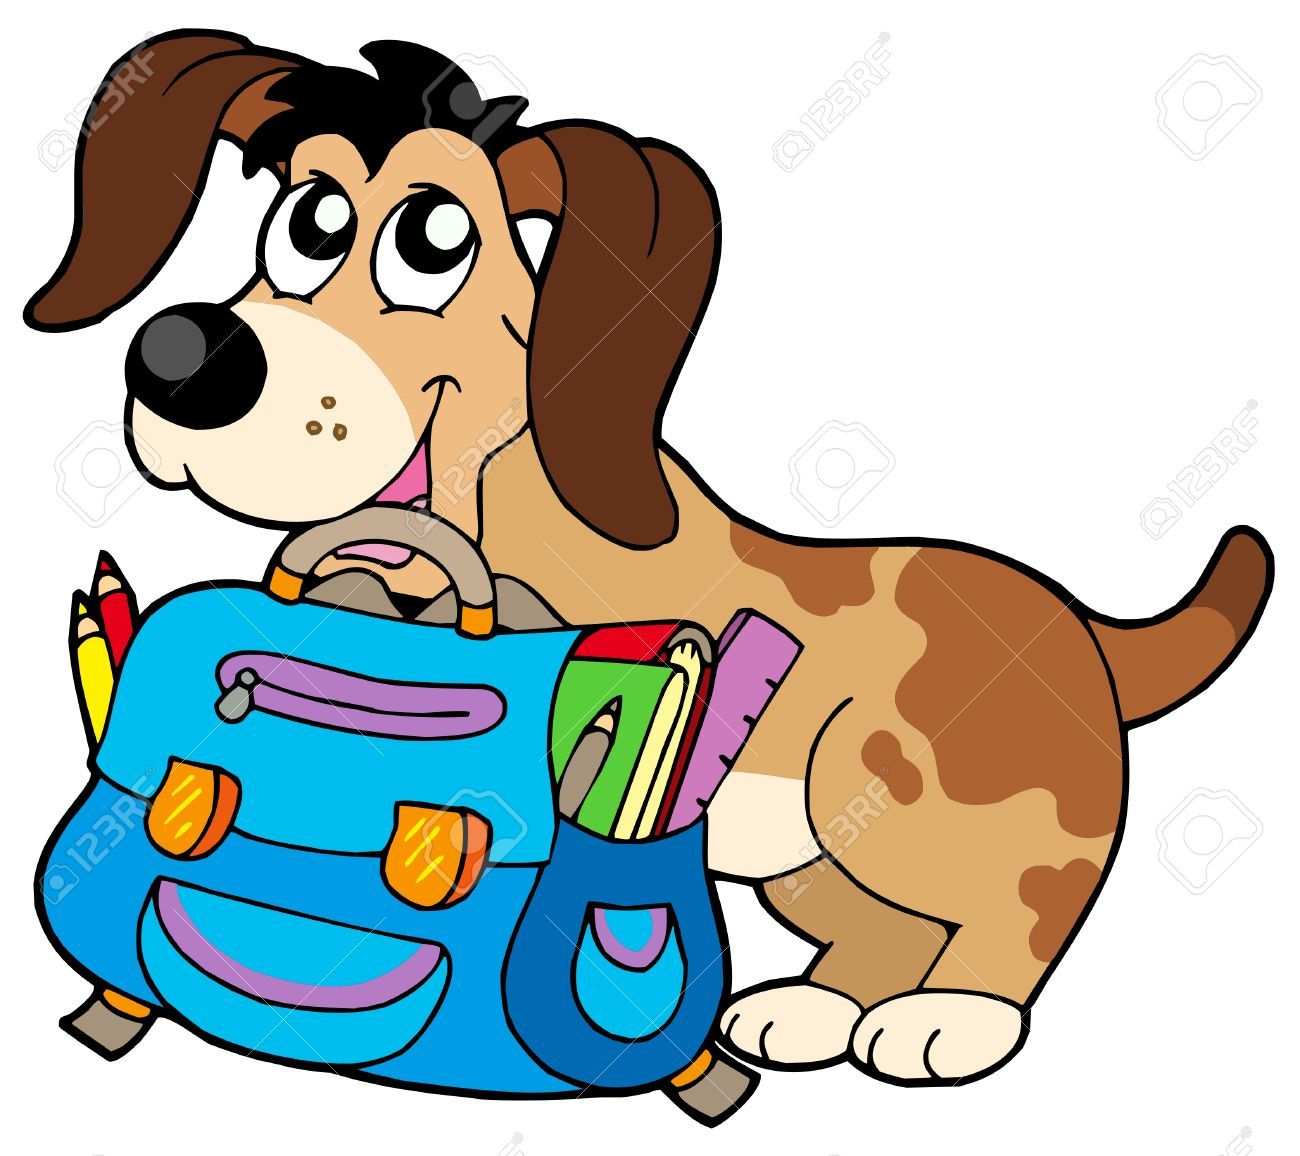 chien lunette clipart google search image pinterest rh pinterest com Elephant Clip Art School Cute School Clip Art